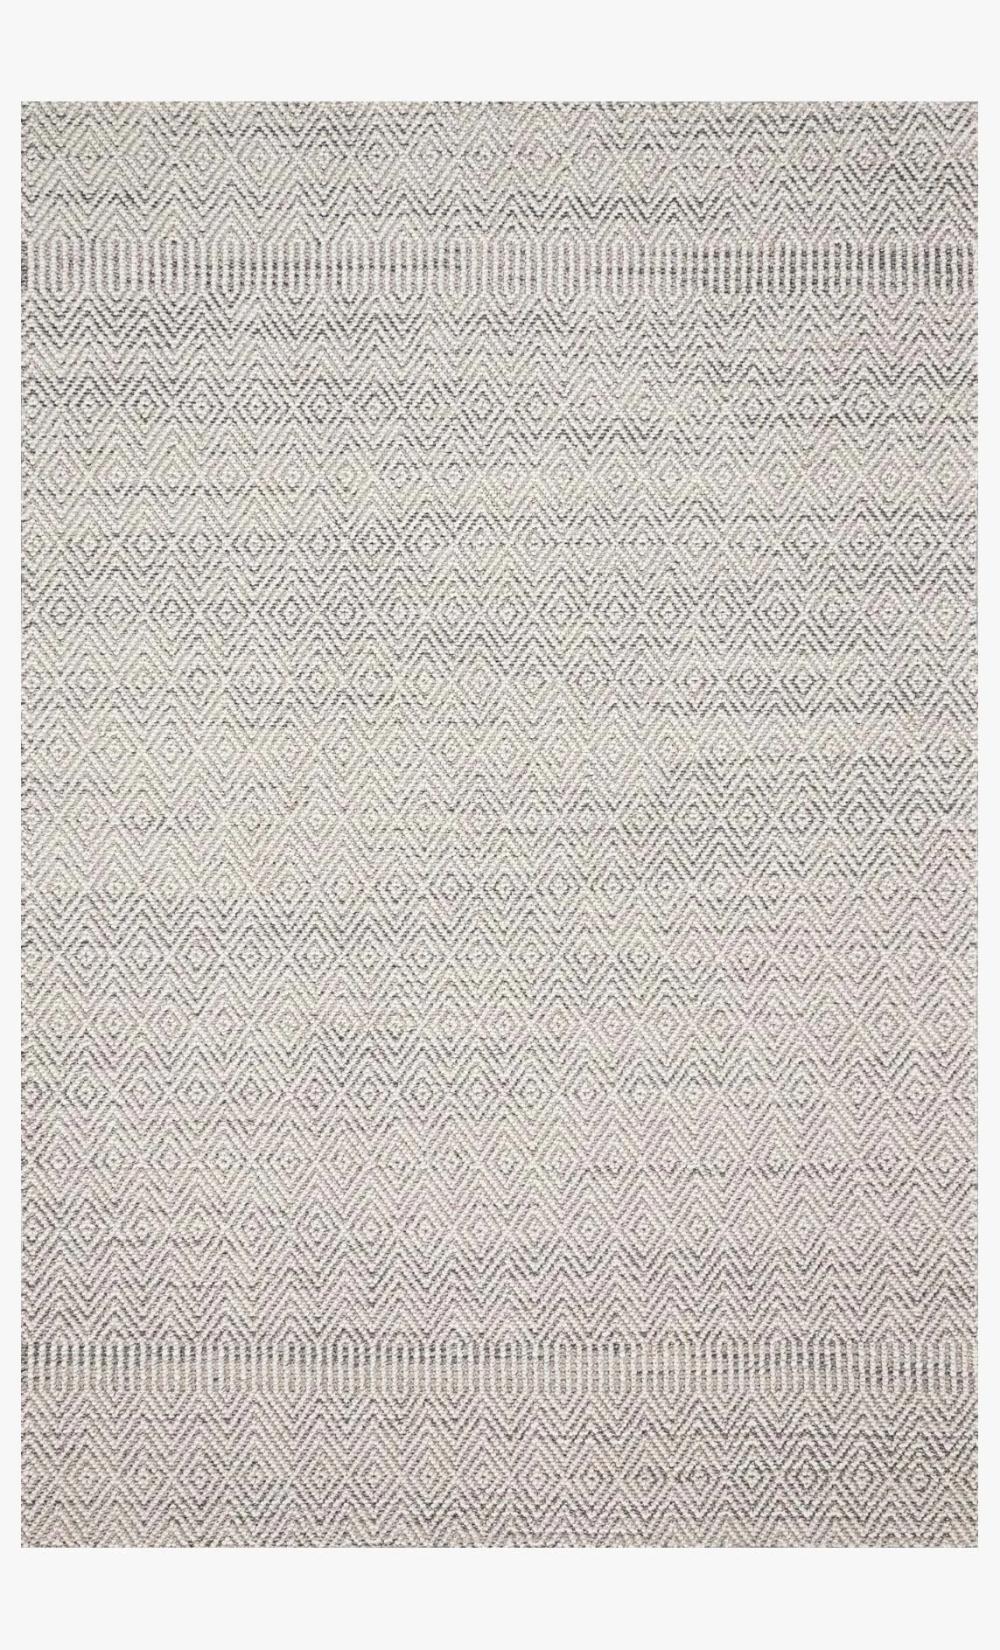 Col 02 Grey Bone Loloi Rugs In 2020 Loloi Rugs Modern Area Rugs Loloi